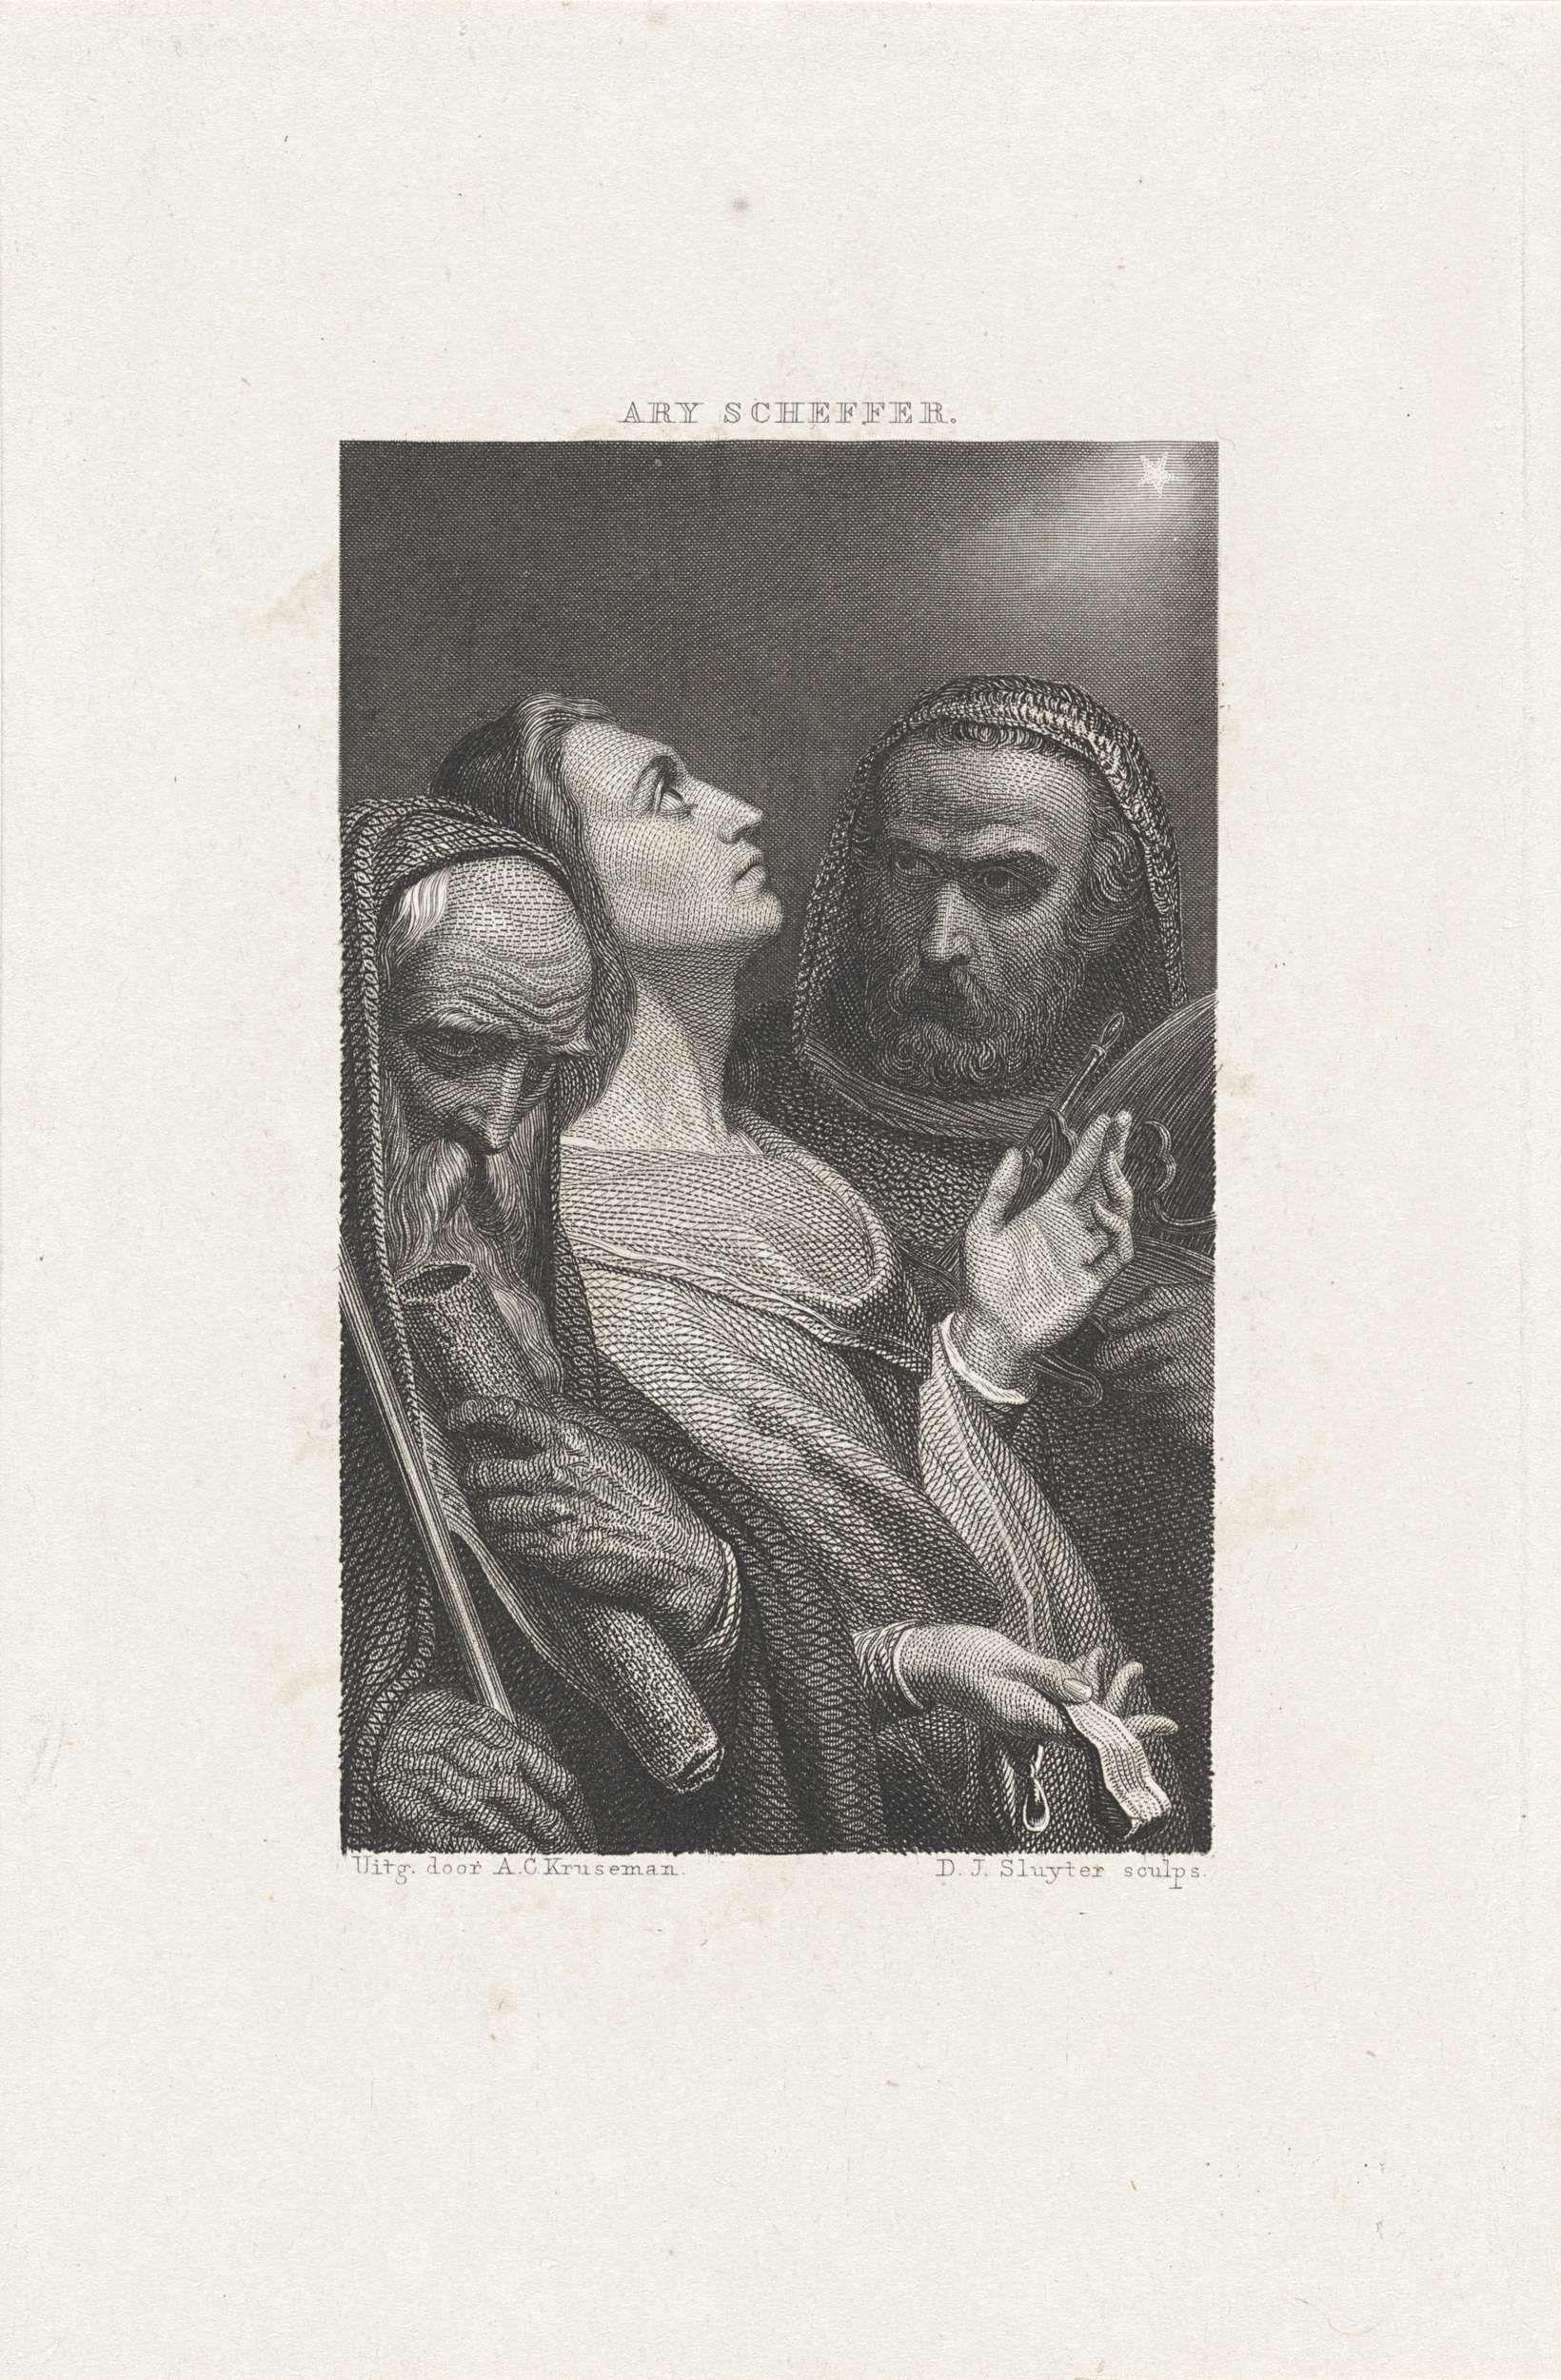 Dirk Jurriaan Sluyter | Drie wijzen uit het Oosten, Dirk Jurriaan Sluyter, Arie Cornelis Kruseman, 1854 | Melchior, geflankeerd door Balthazar en Caspar, kijkt omhoog naar een stralende ster. Zij dragen geschenken in hun handen.